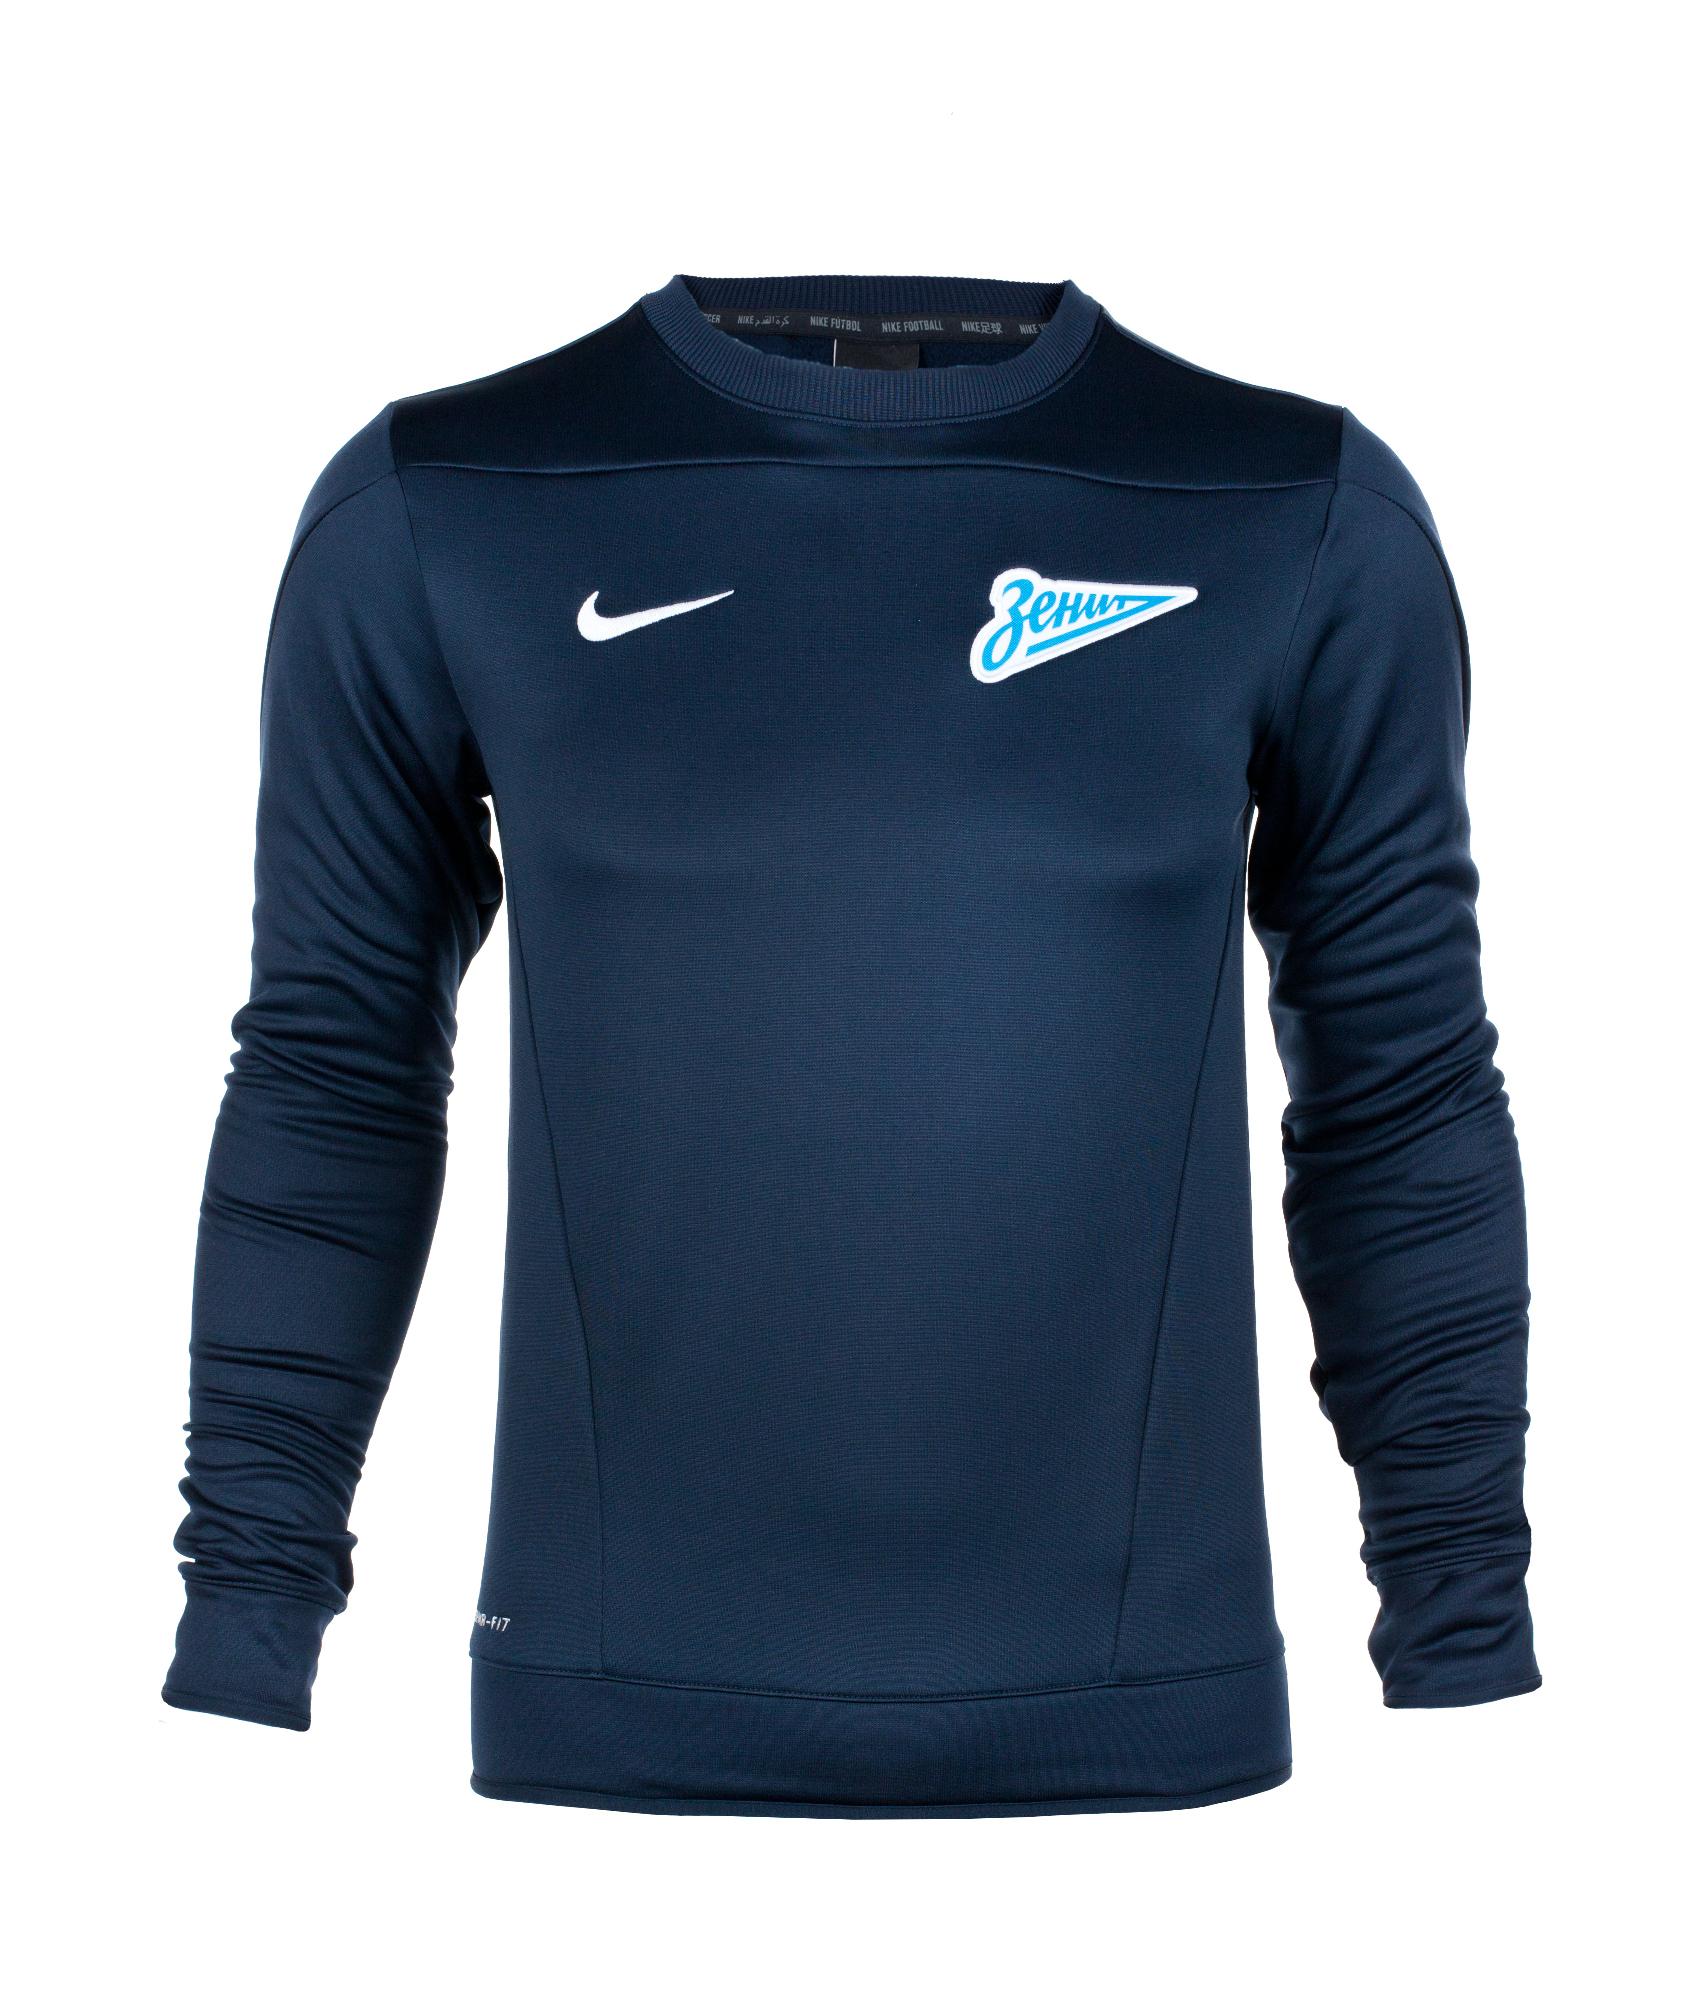 Джемпер тренировочный Nike Zenit Squad OTH LS TOP, Цвет-Темно-Синий, Размер-XL